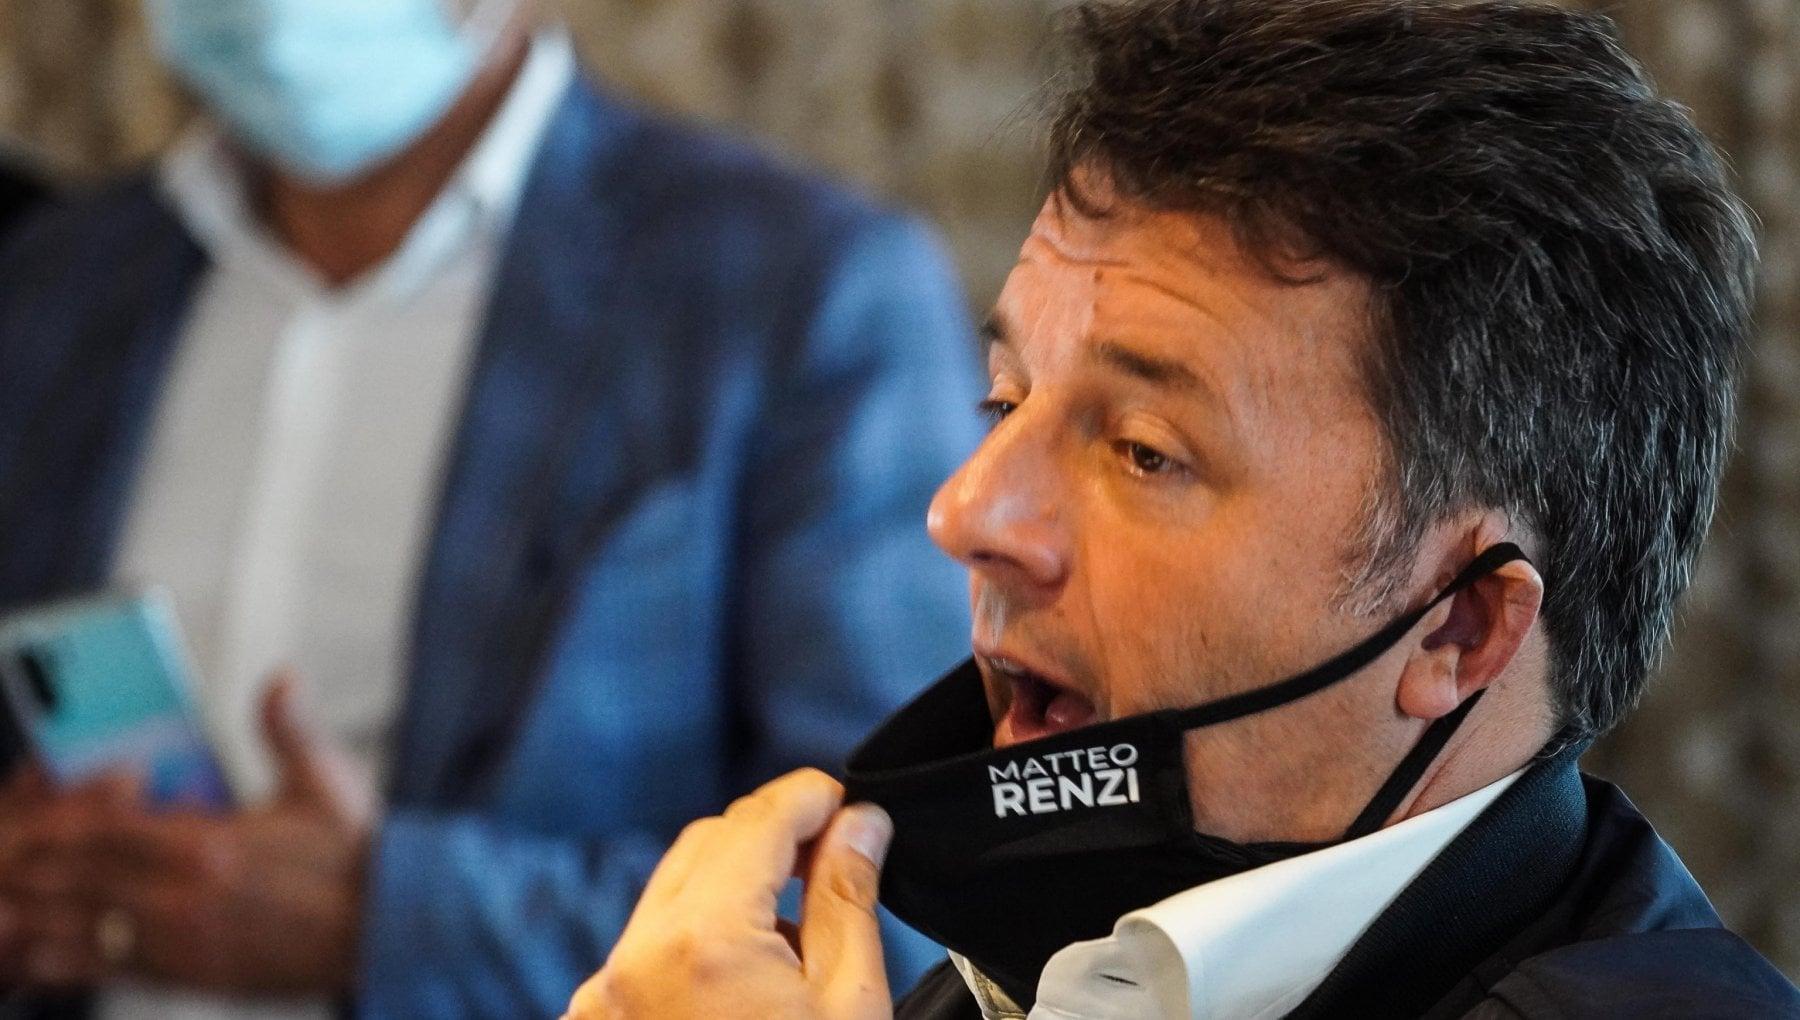 Renzi a El Pais Pronto a far cadere il governo se Conte chiede i pieni poteri. Bonafede Irrispettoso minacciare crisi con il Consiglio Ue in corso. Zingaretti Nessuno deve chiedere marcia indietro